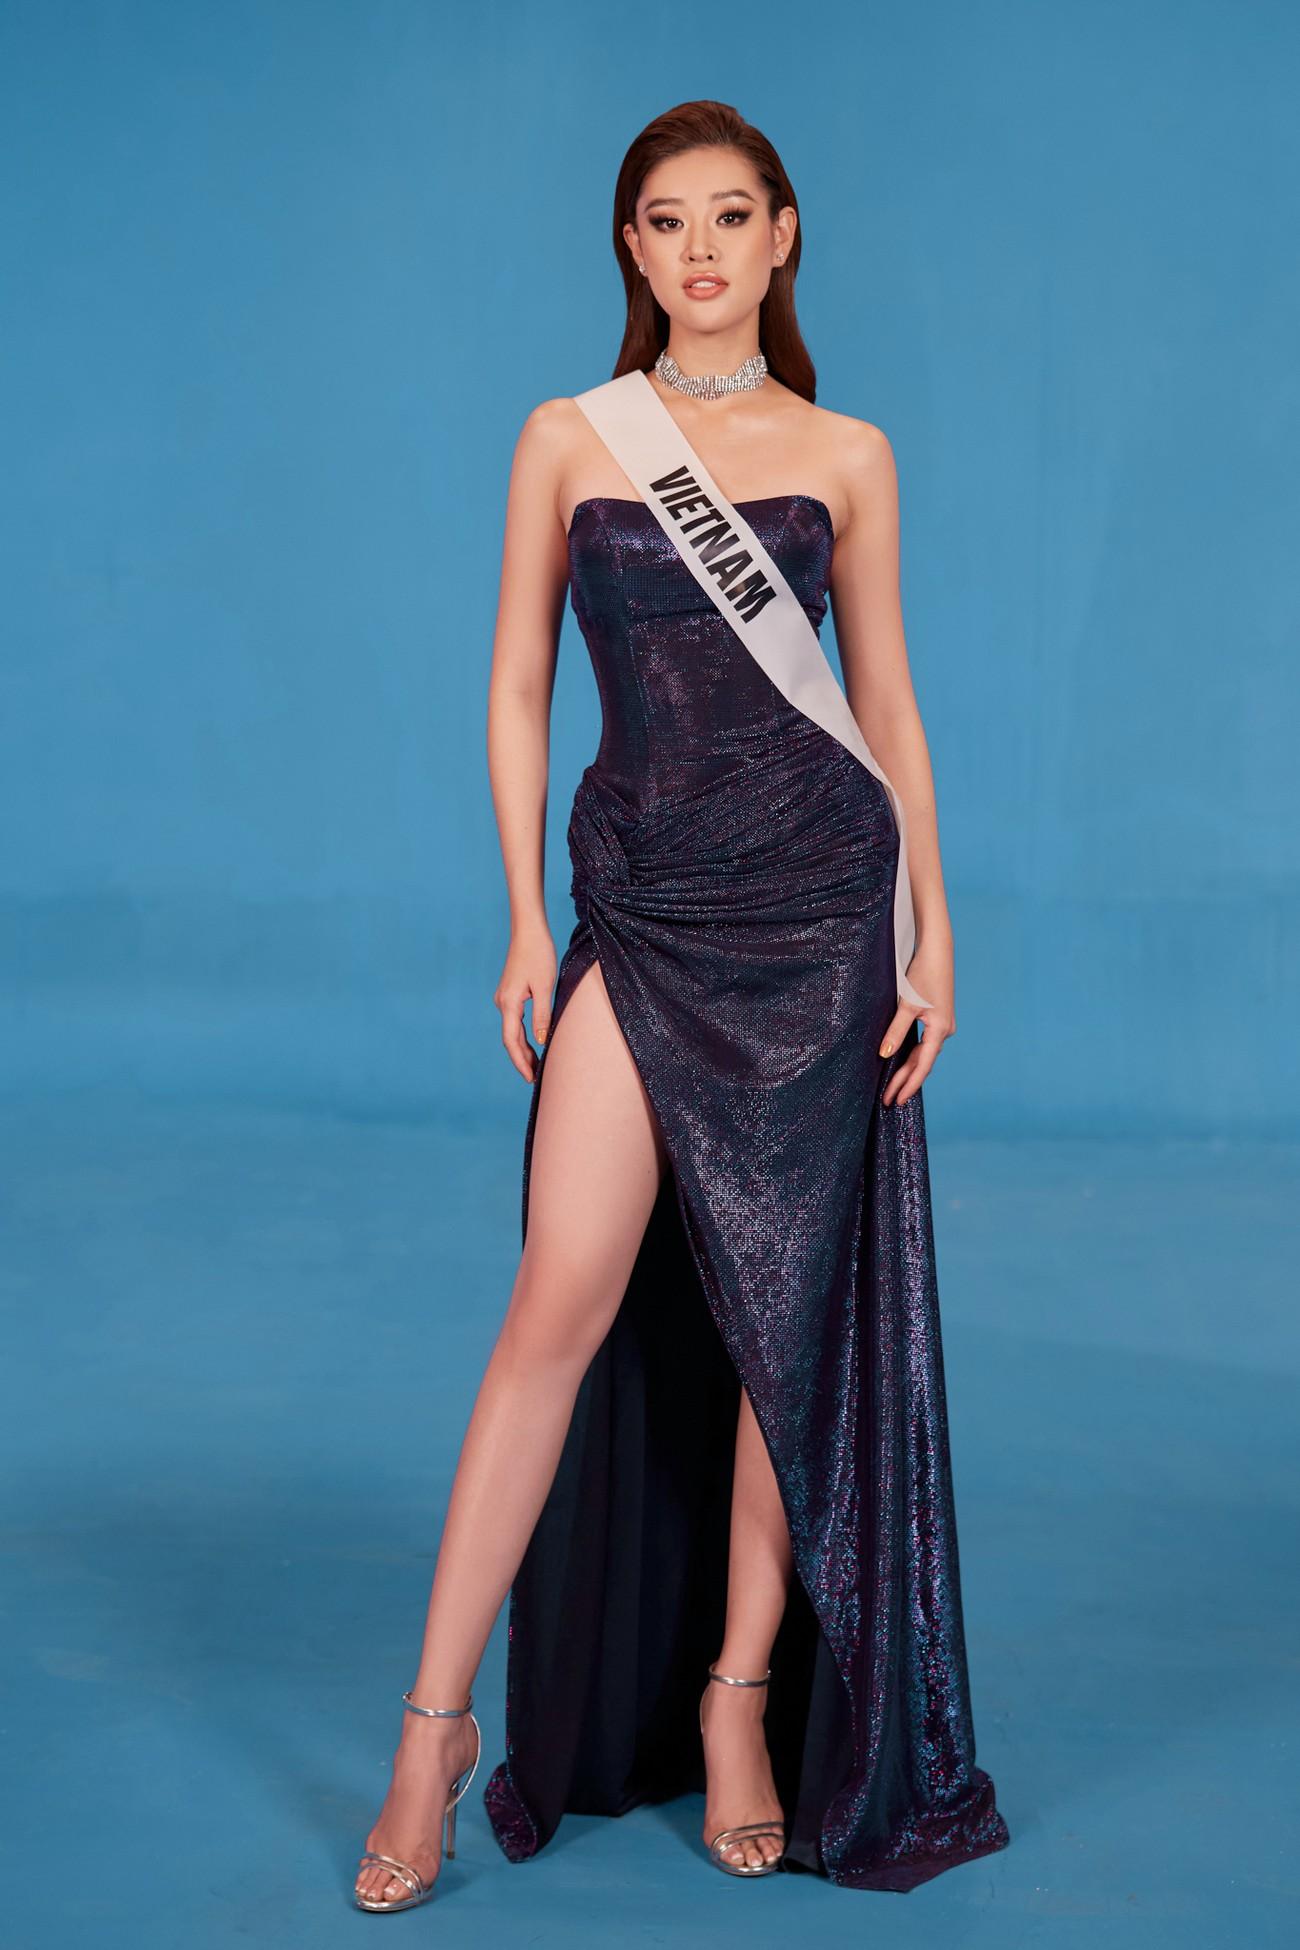 Khánh Vân 'chơi trội' với 5 lay-out nổi bật, quyết tâm 'gây bão' tại Miss Universe 2021 ảnh 11